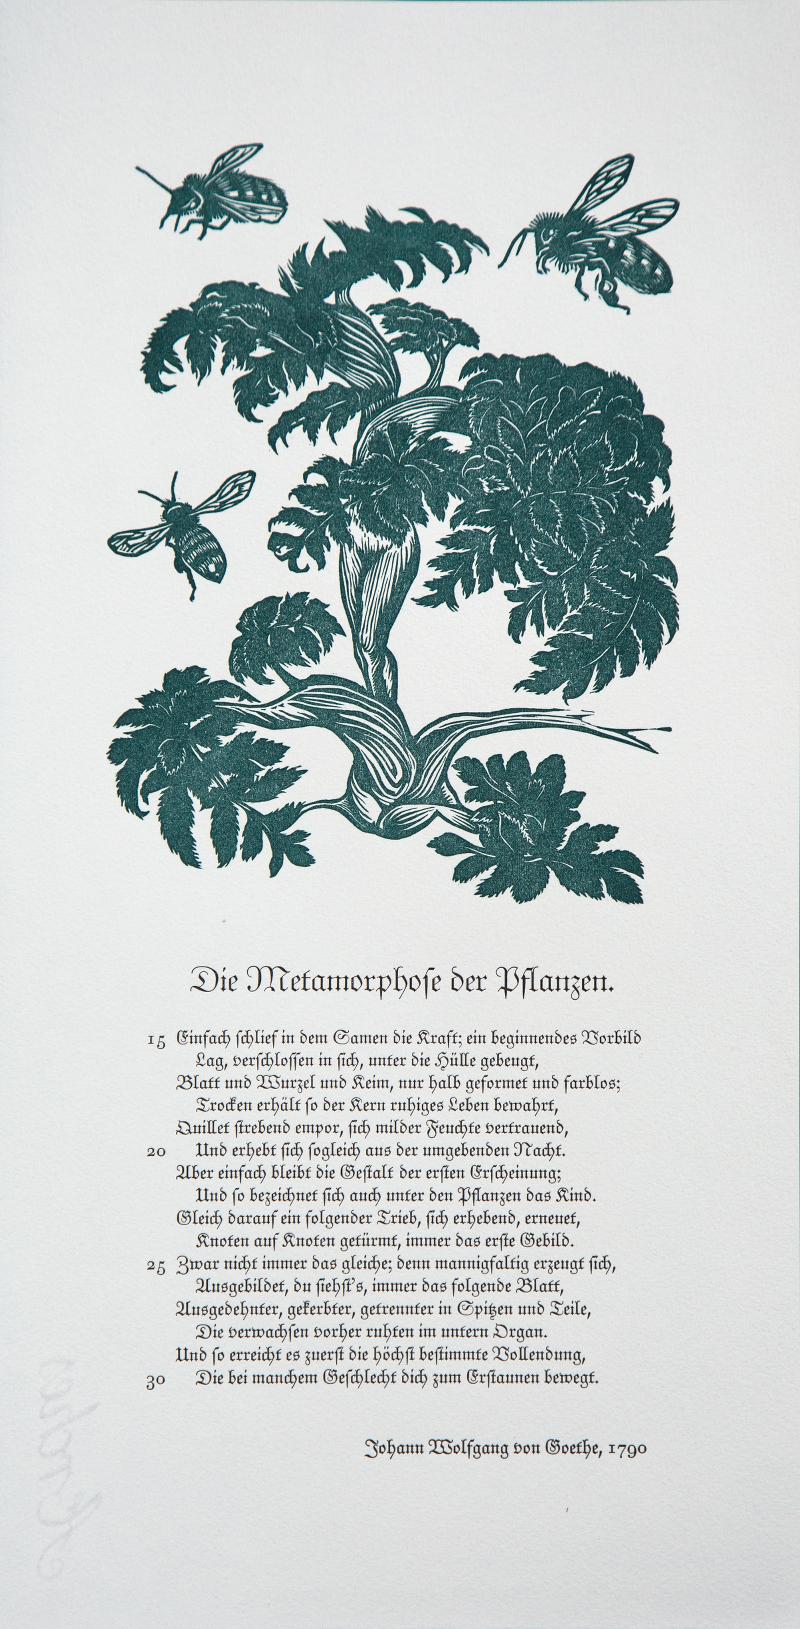 Johann Wolfgang von Goethe, Die Metamorphose der Pflanzen, 2015